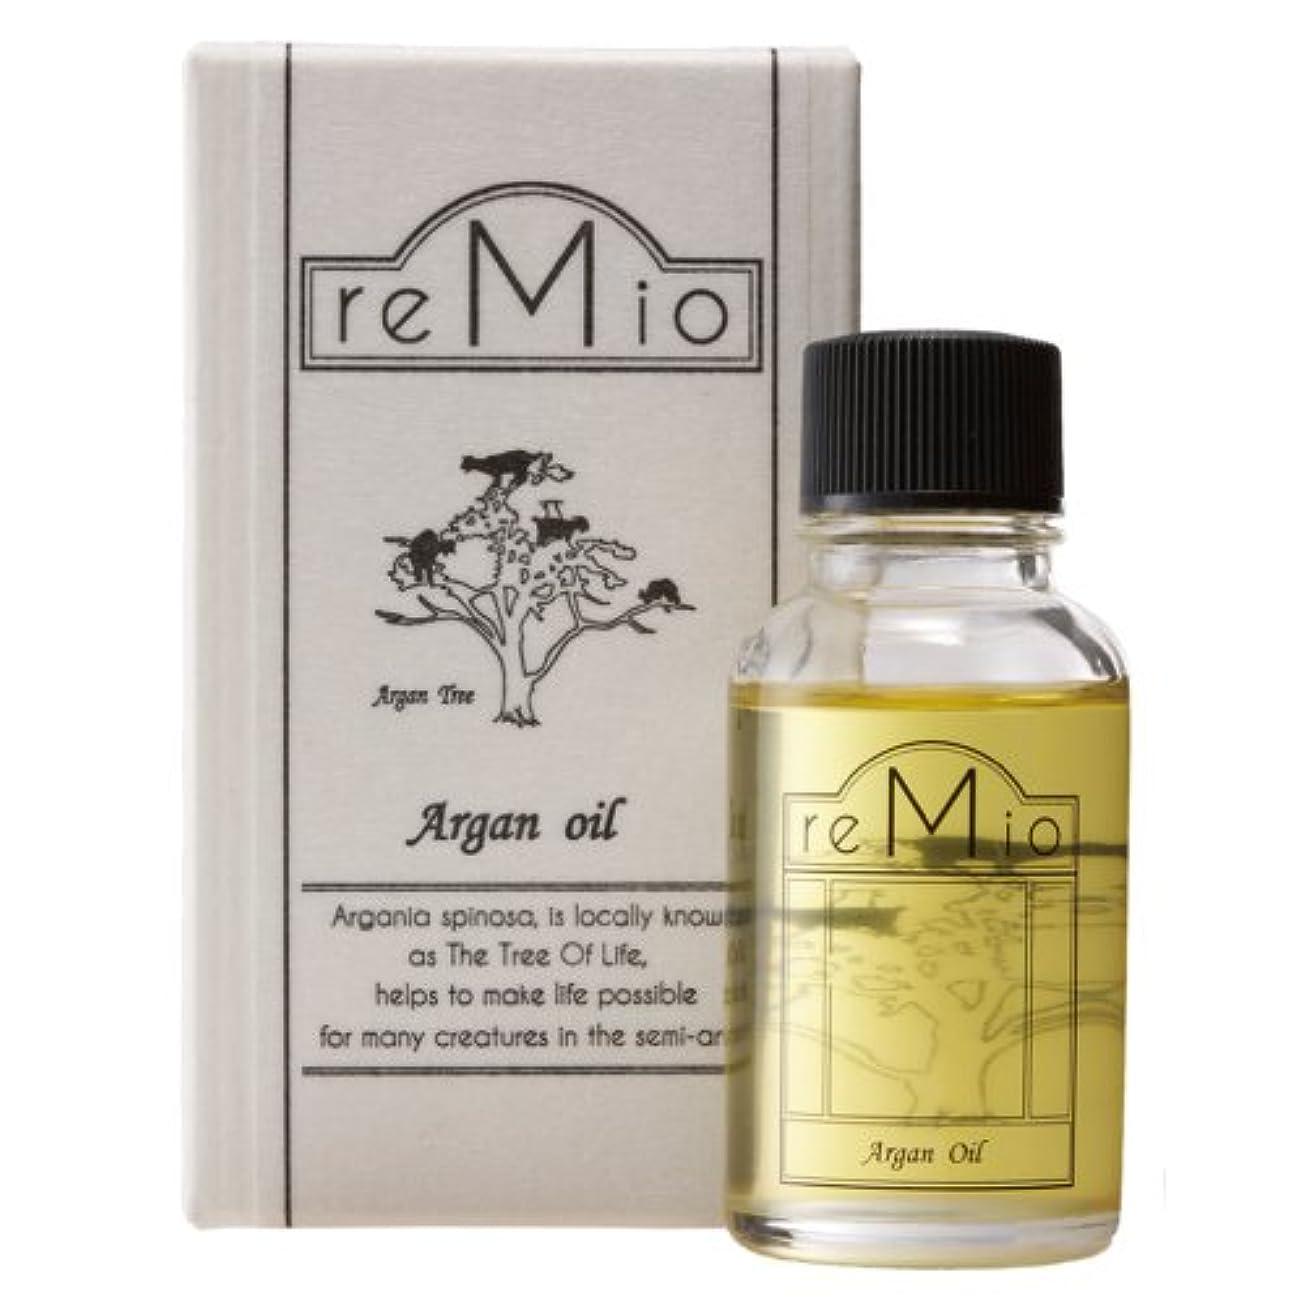 テセウスマッサージ目の前のレミオ(REMIO) オーガニックアルガンオイル